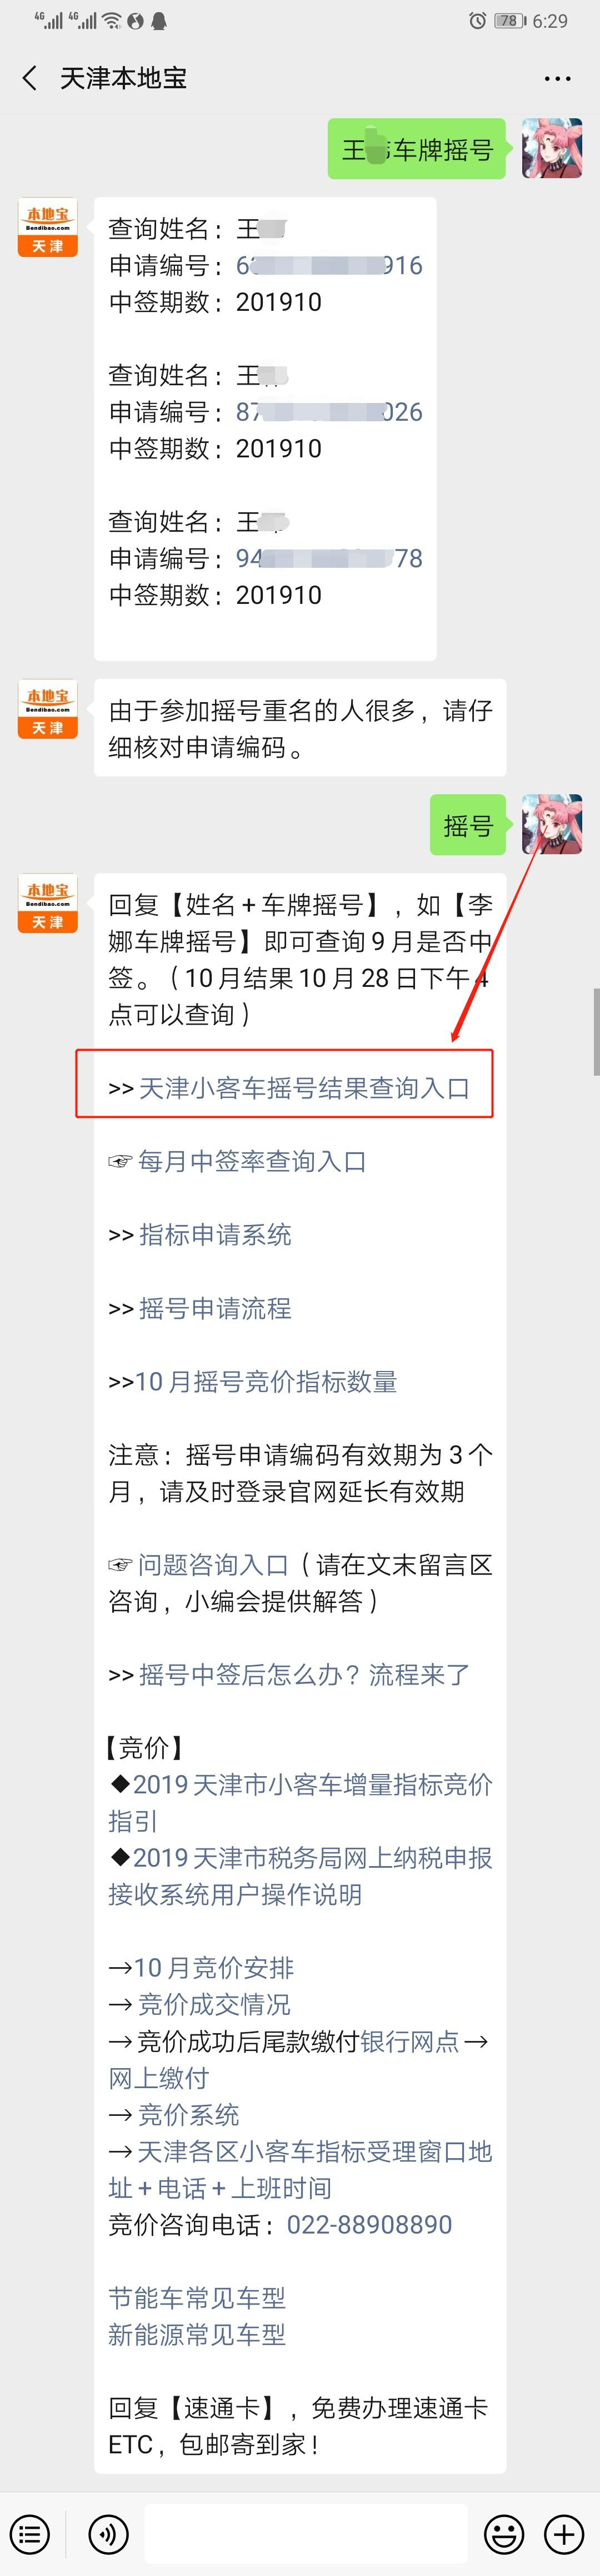 2019天津小客车增量指标竞价成交情况(每月更新)